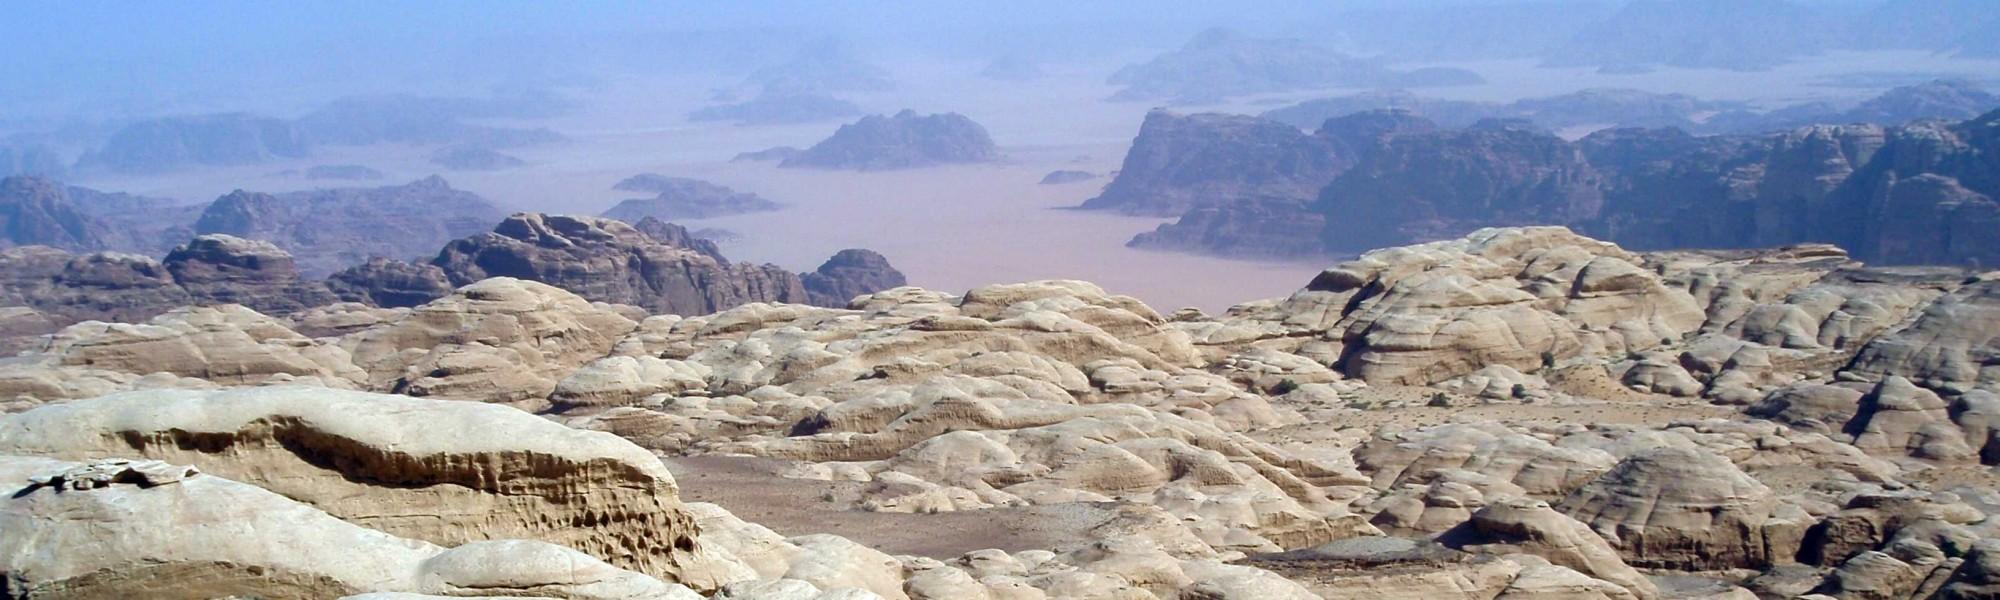 escalade grandes voies Wadi Rum